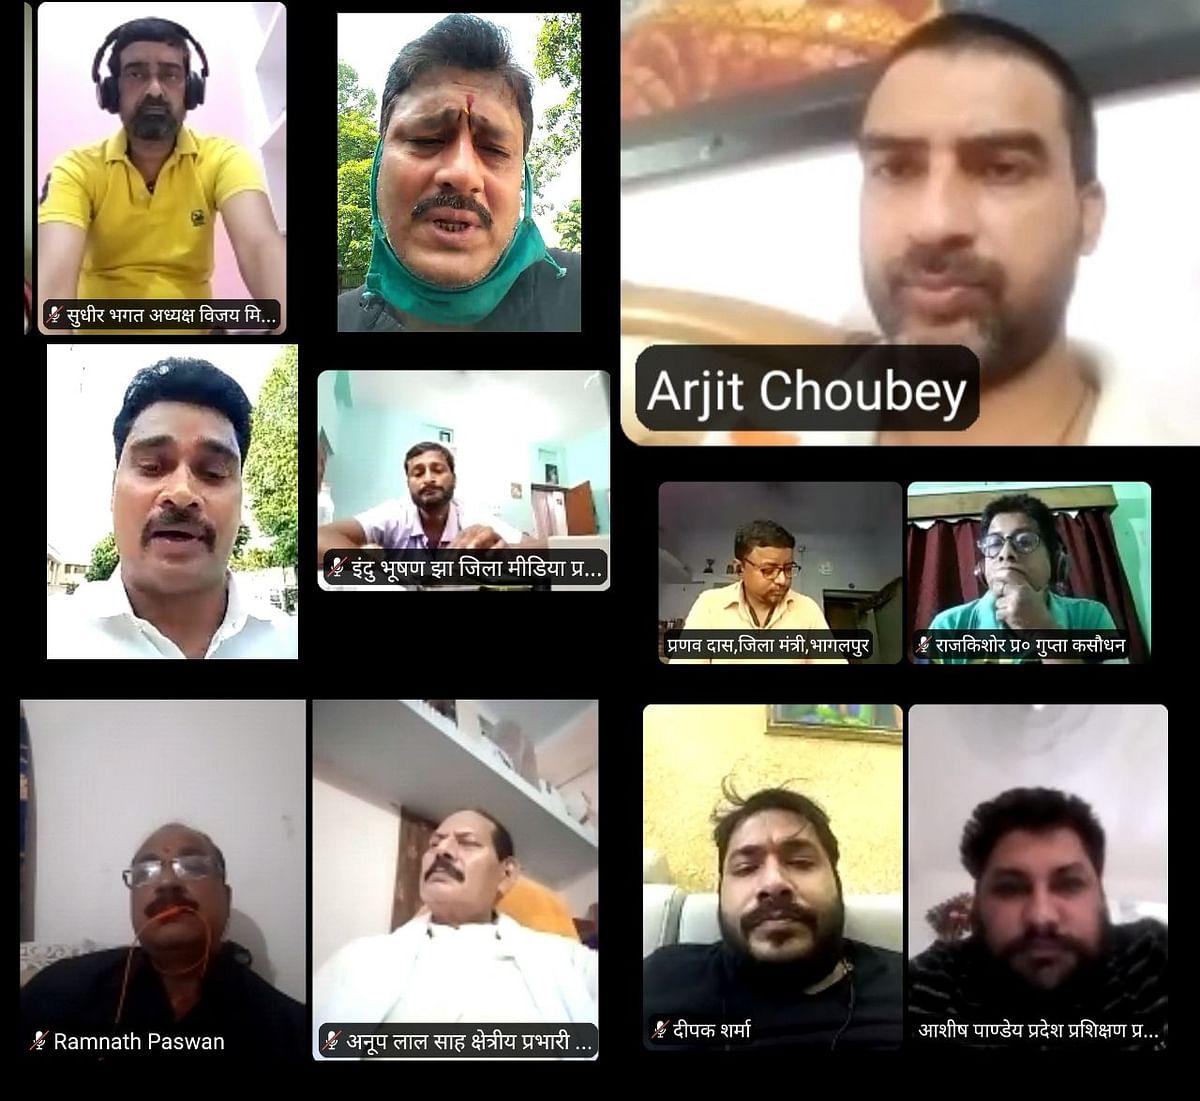 भागलपुर विधानसभा के सभी भाजपा पदाधिकारियों एवं कार्यकर्ताओं की वर्चुअल बैठक, भागलपुर में बहुत जल्द लगेगा मेगा ब्लड कैम्प:-अर्जित चौबे